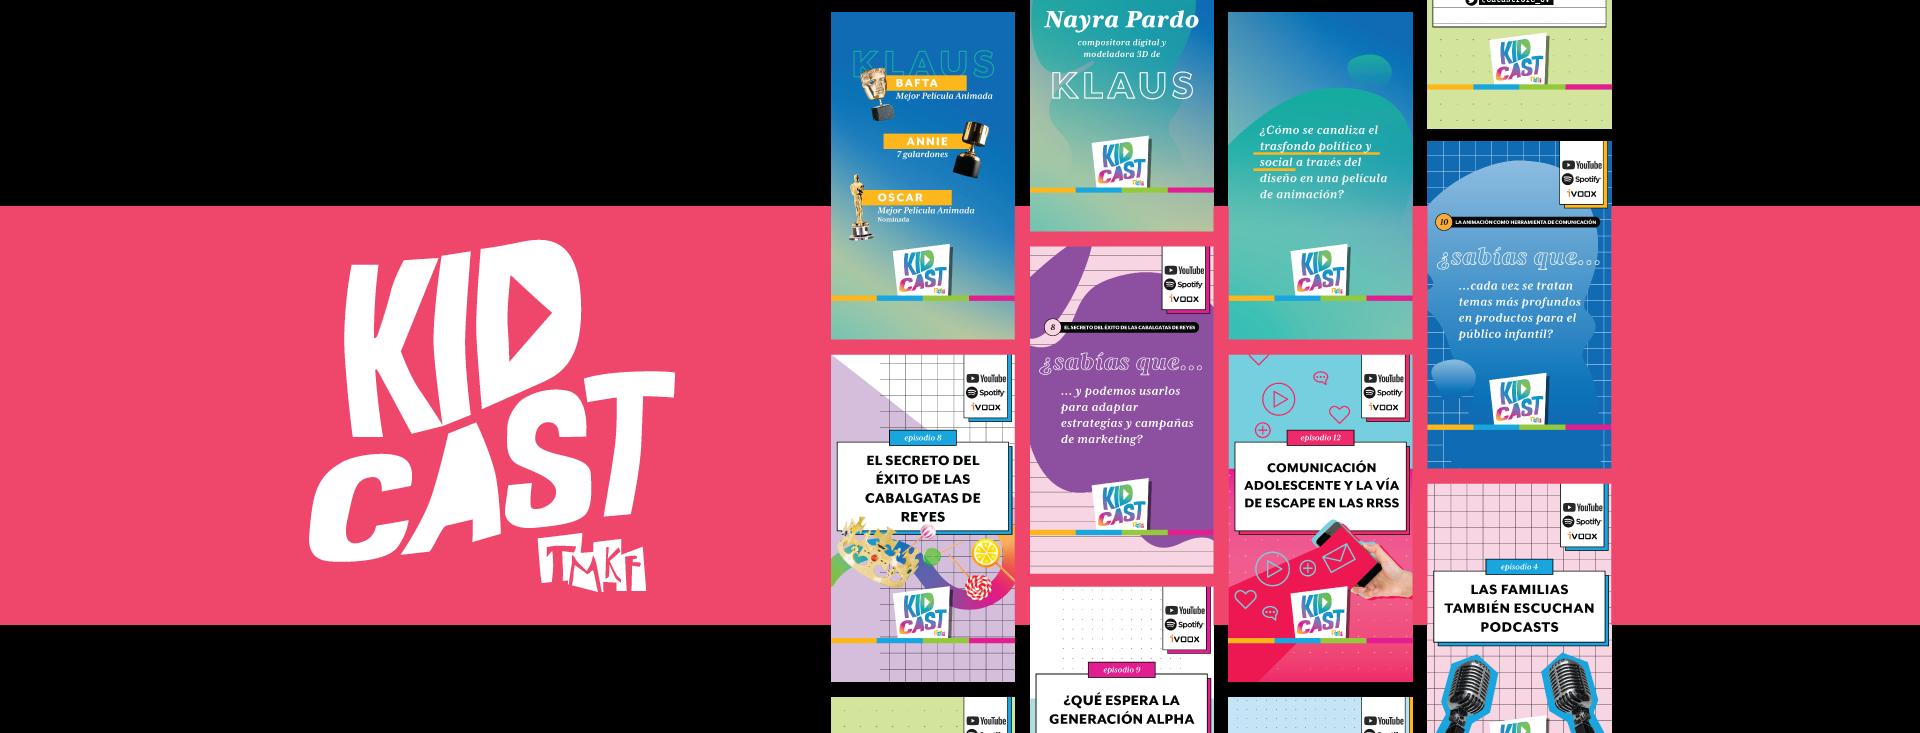 La imagen muestra una franja horizontal color coral. Dentro de la franja a la izquierda, el logo de KIDCAST by TMKF. A la derecha, cuatro columnas de stories de Instagram utilizados para la promoción de Kidcast.